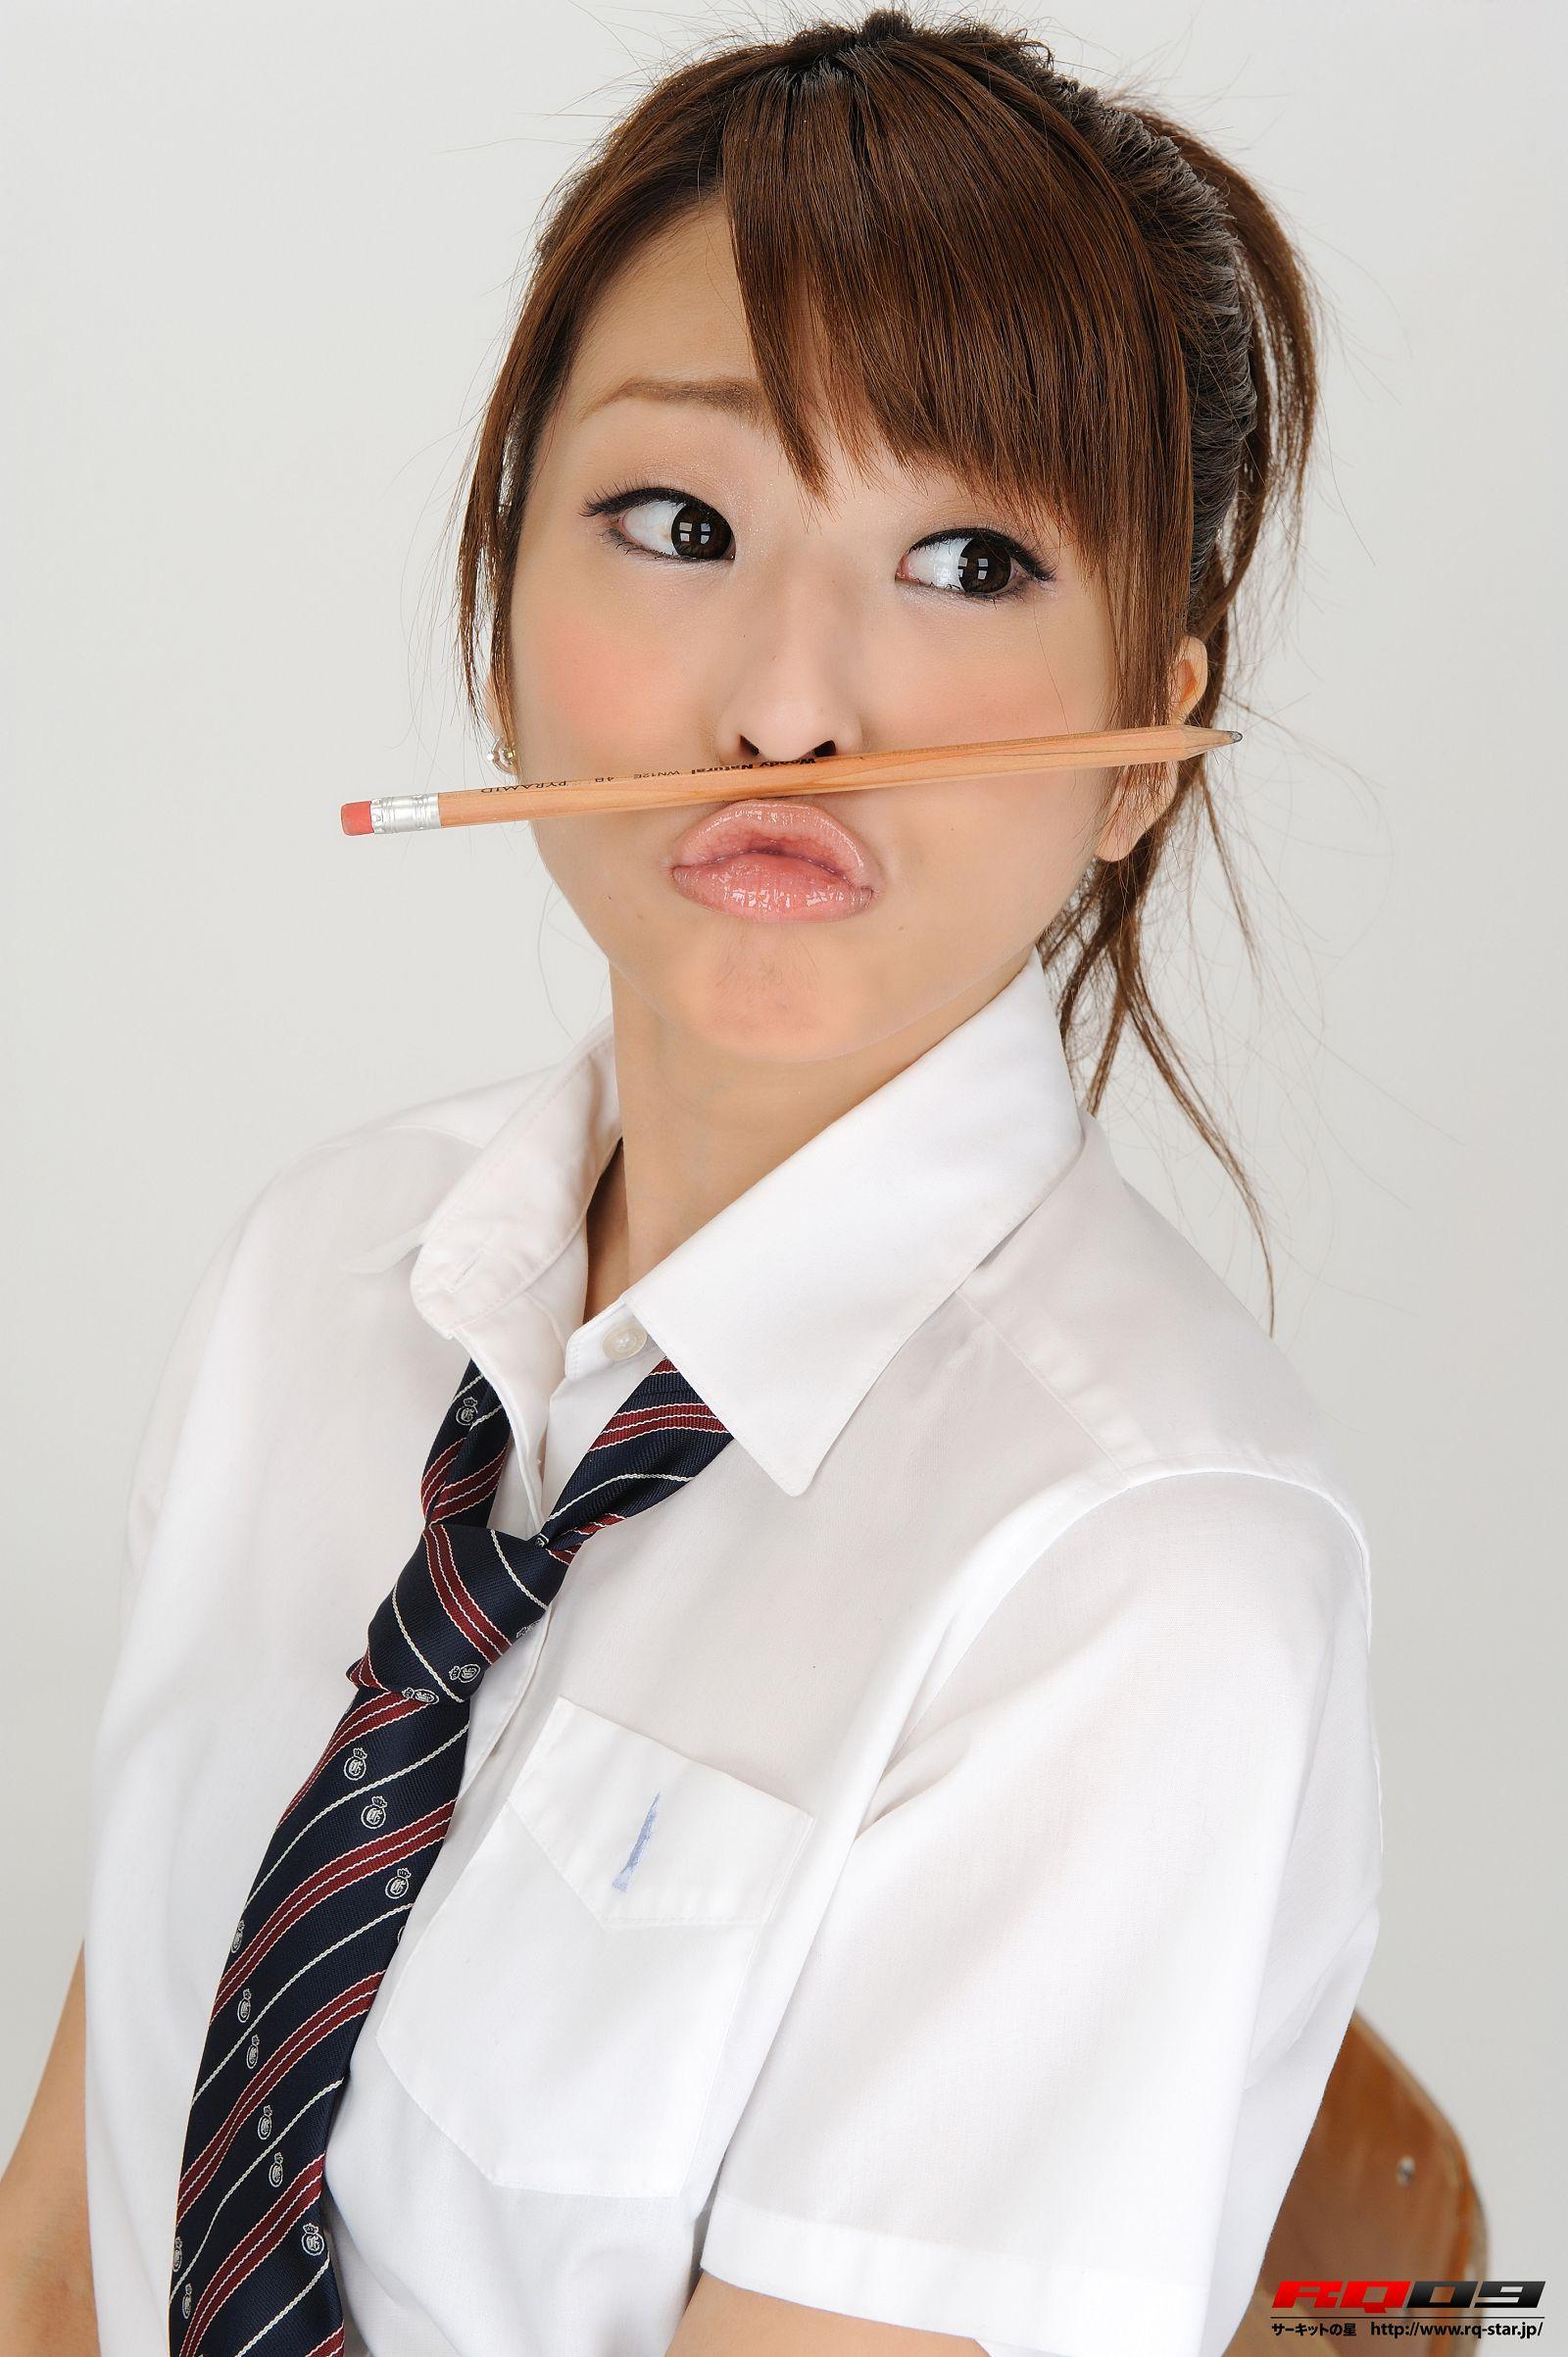 [RQ STAR美女] NO.0184 Mirei Kurosawa 鼪g美怜 Student Style[100P] RQ STAR 第2张